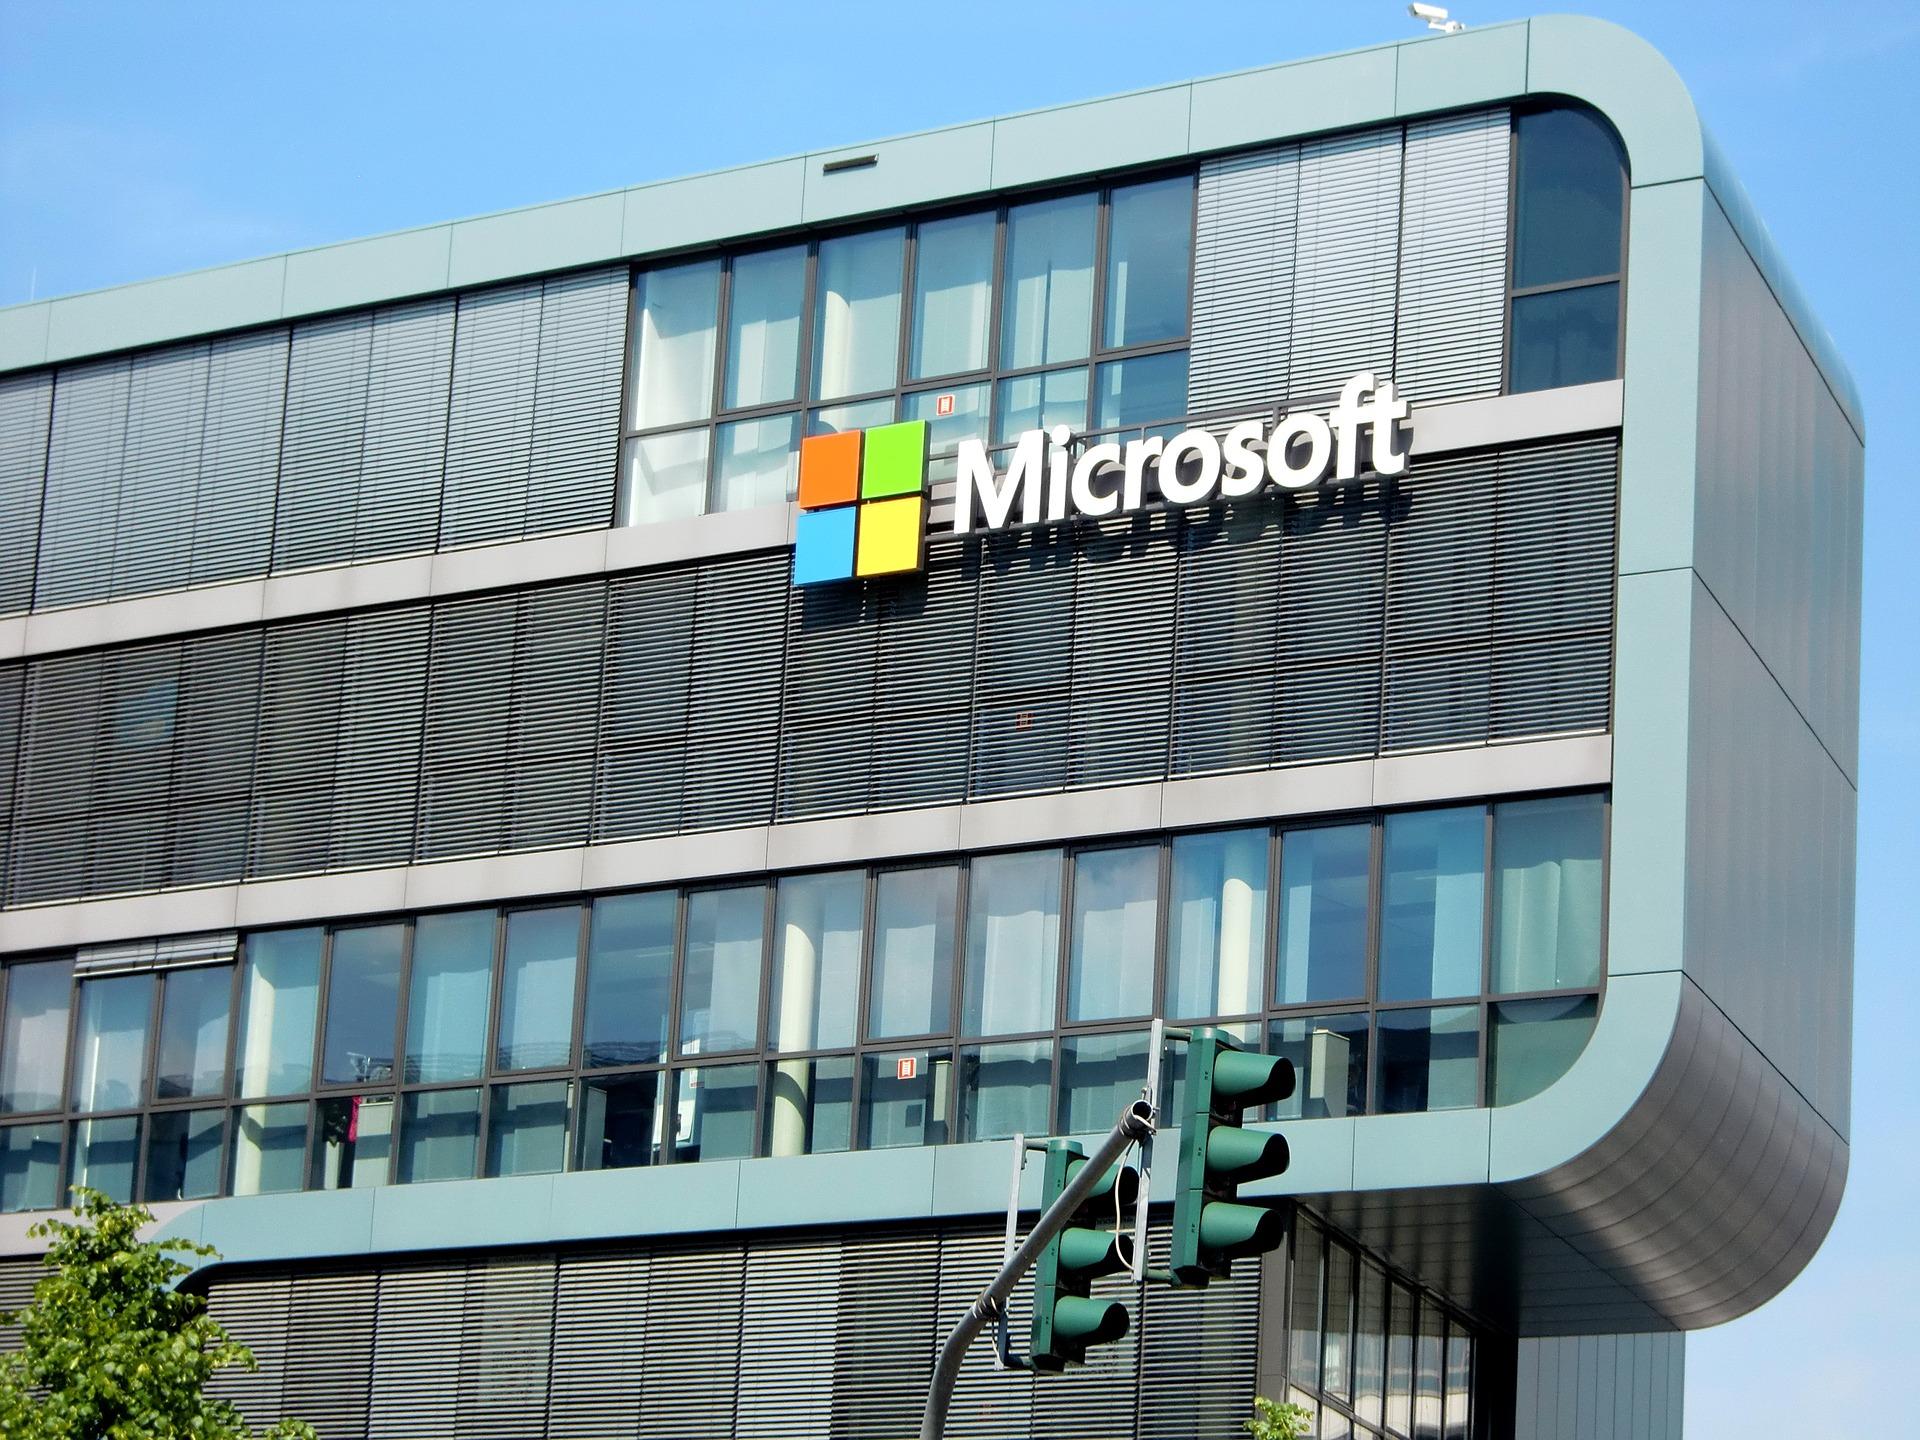 Datenschutz – keine Herausgabe von Daten auf EU-Servern